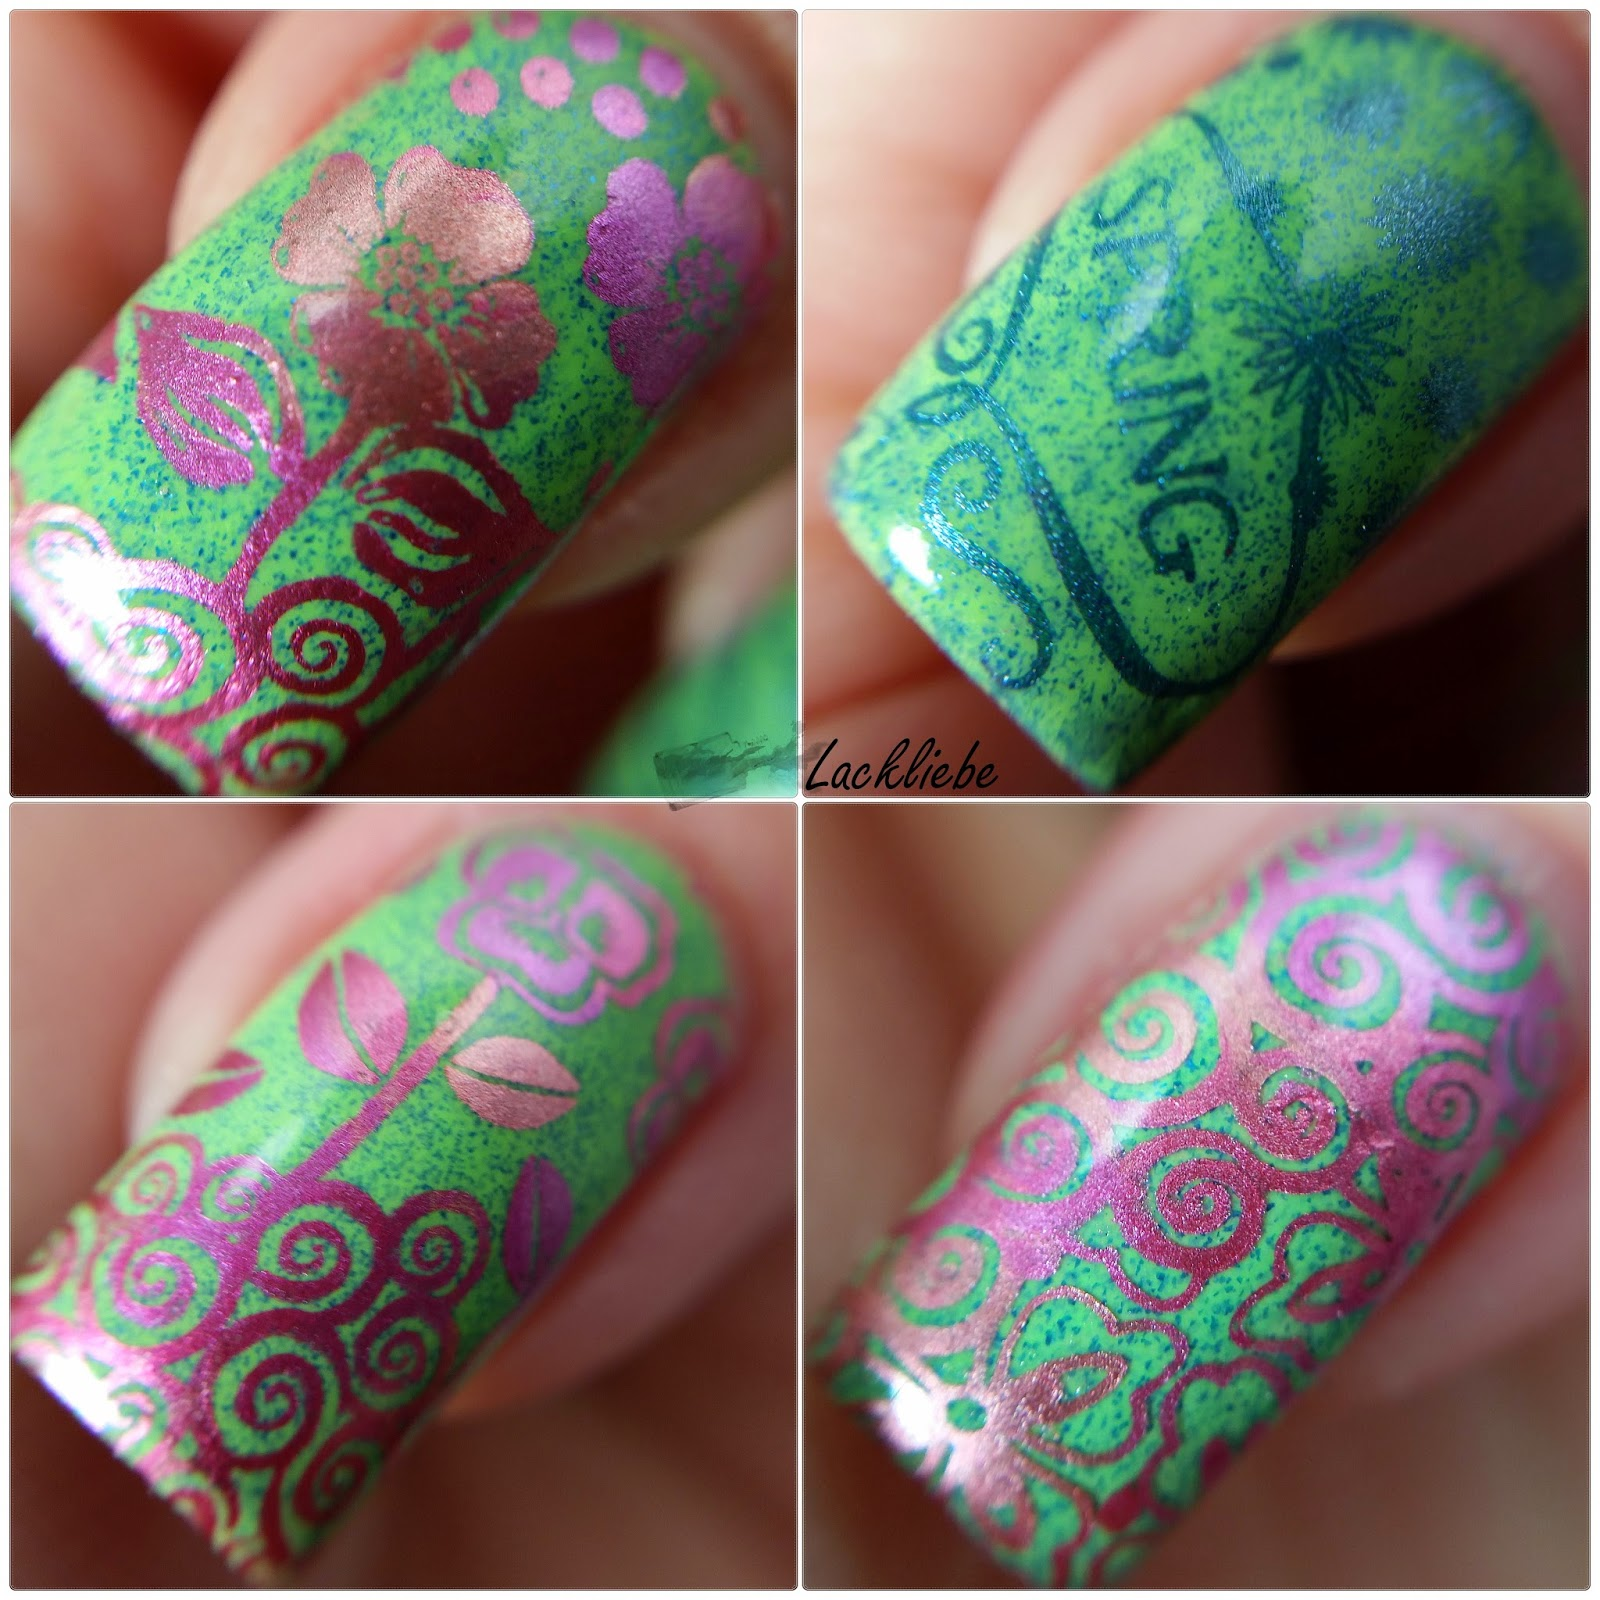 http://rainpow-nails.blogspot.com/2015/03/fruhling-blumenwiese.html